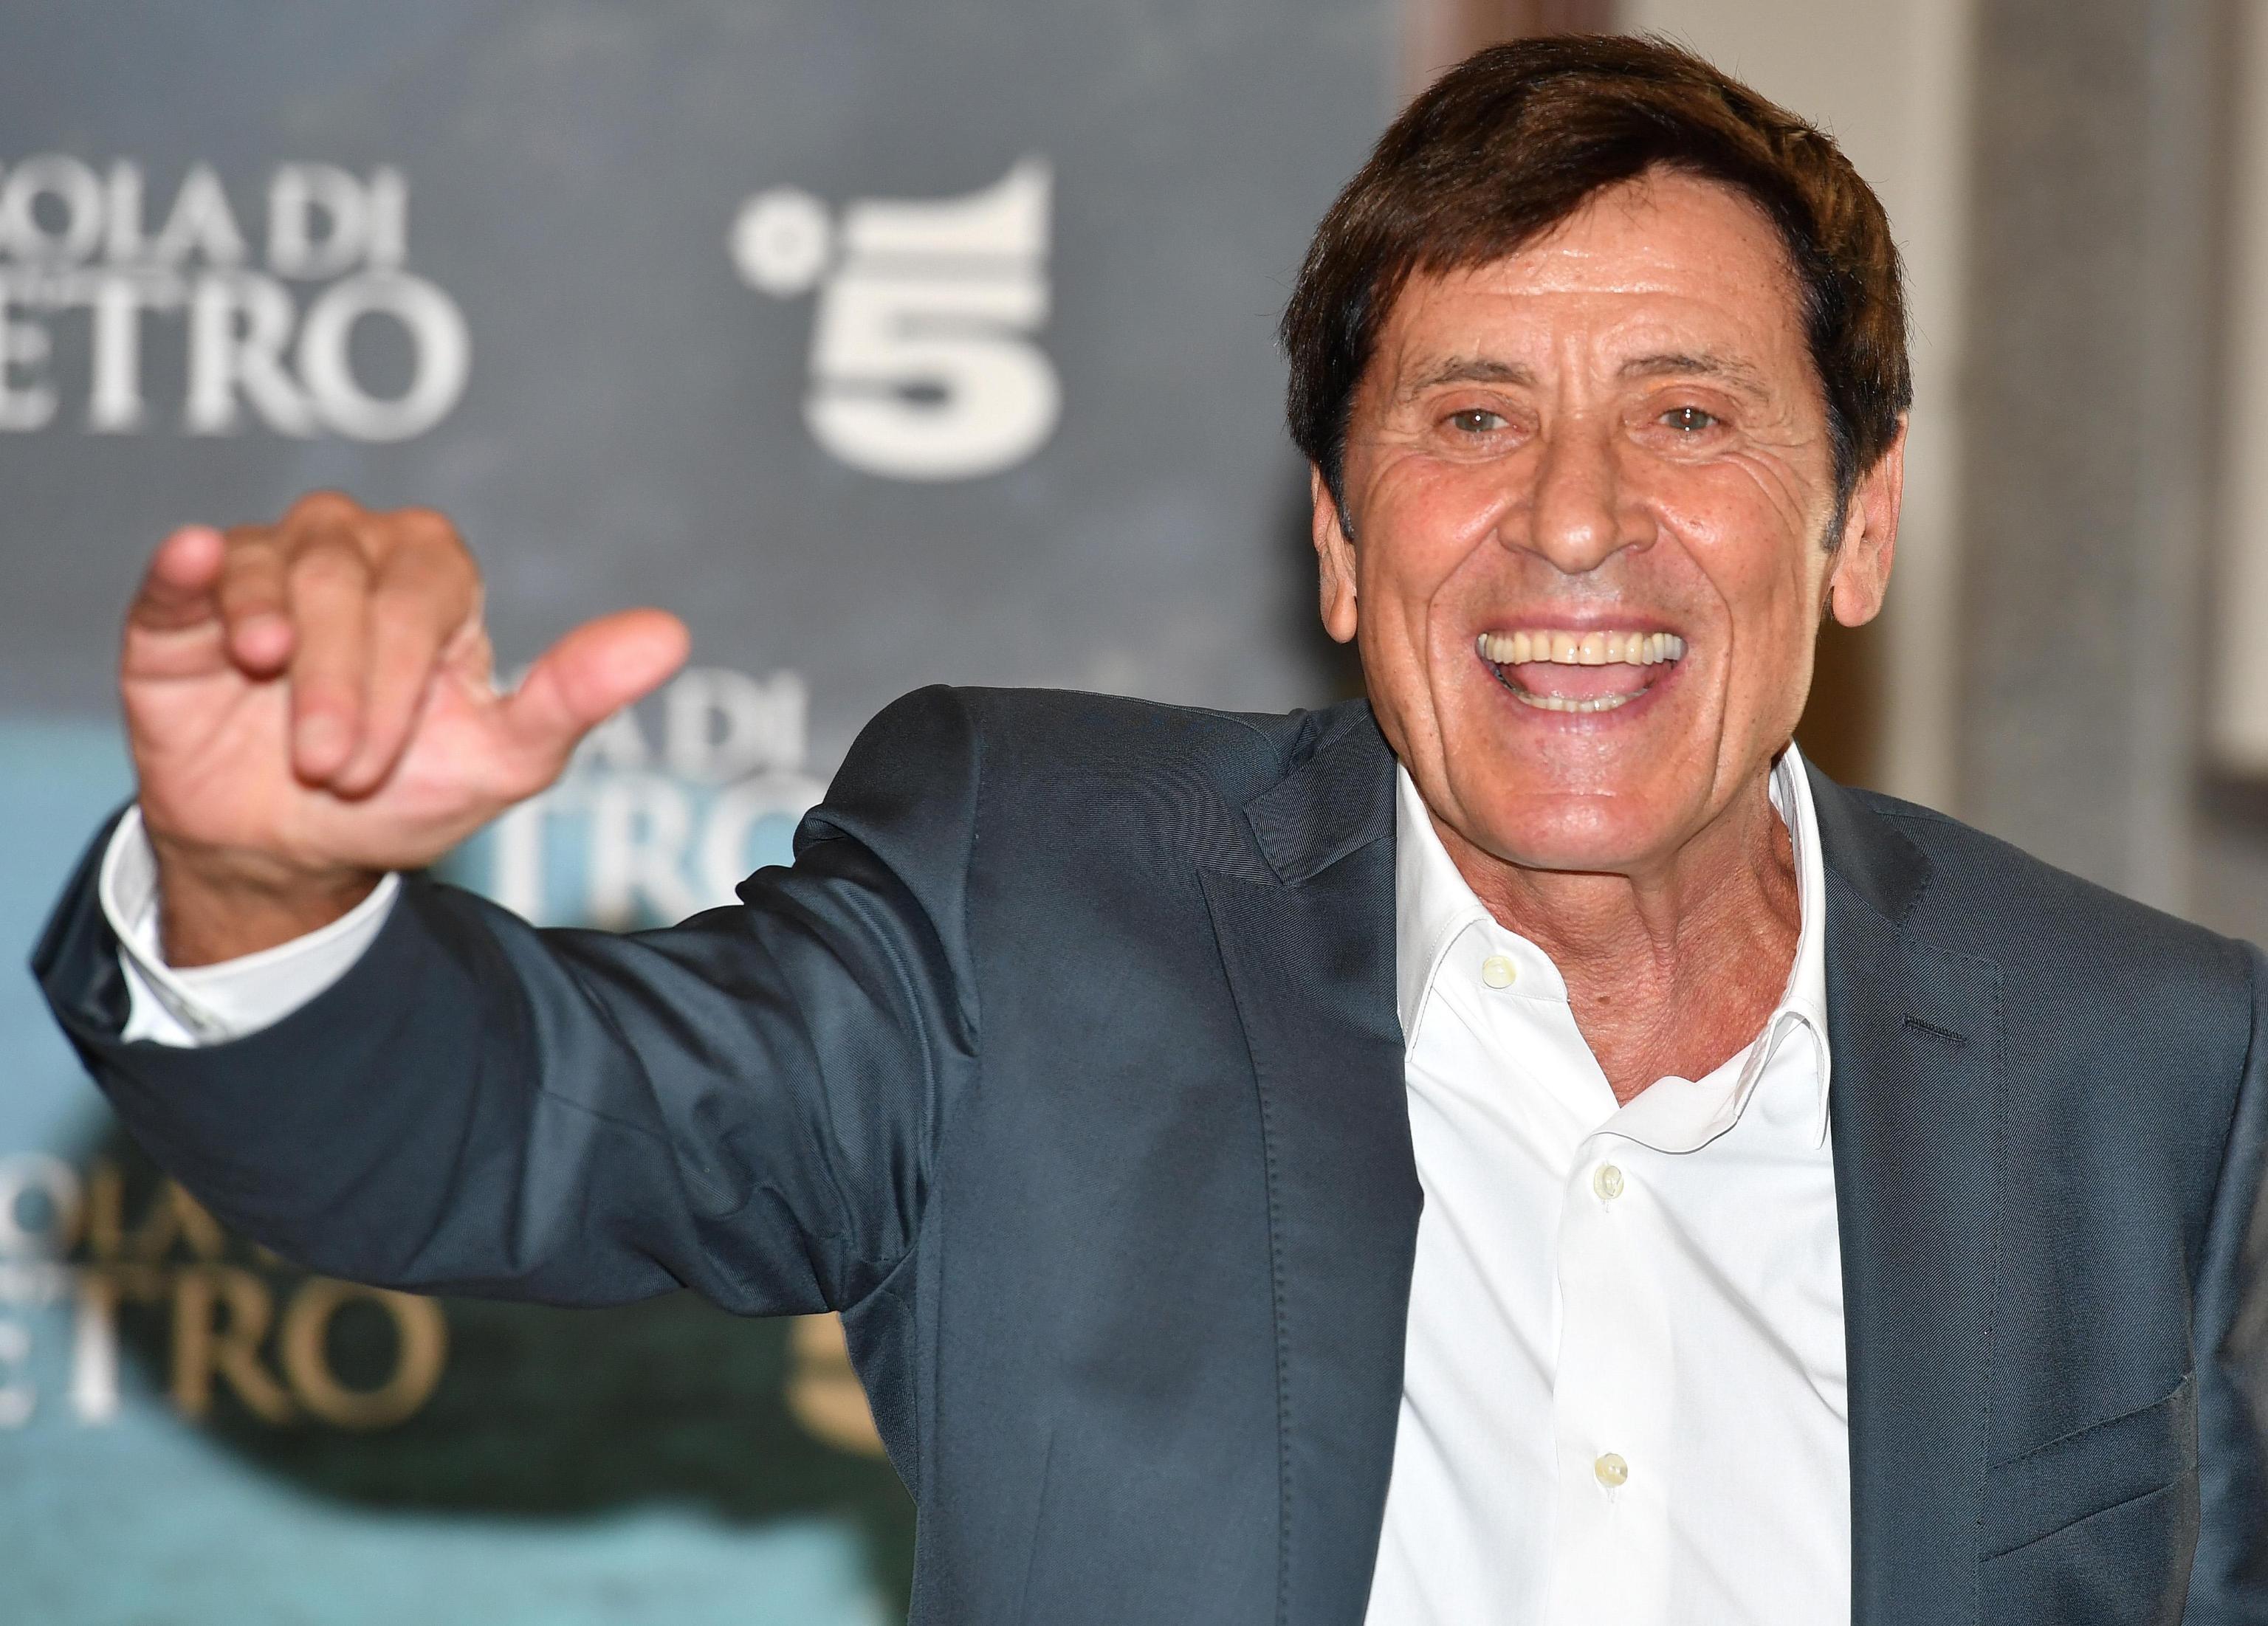 Sanremo 2019, Gianni Morandi non ci sarà: 'Sono andato 15 volte, ora basta'